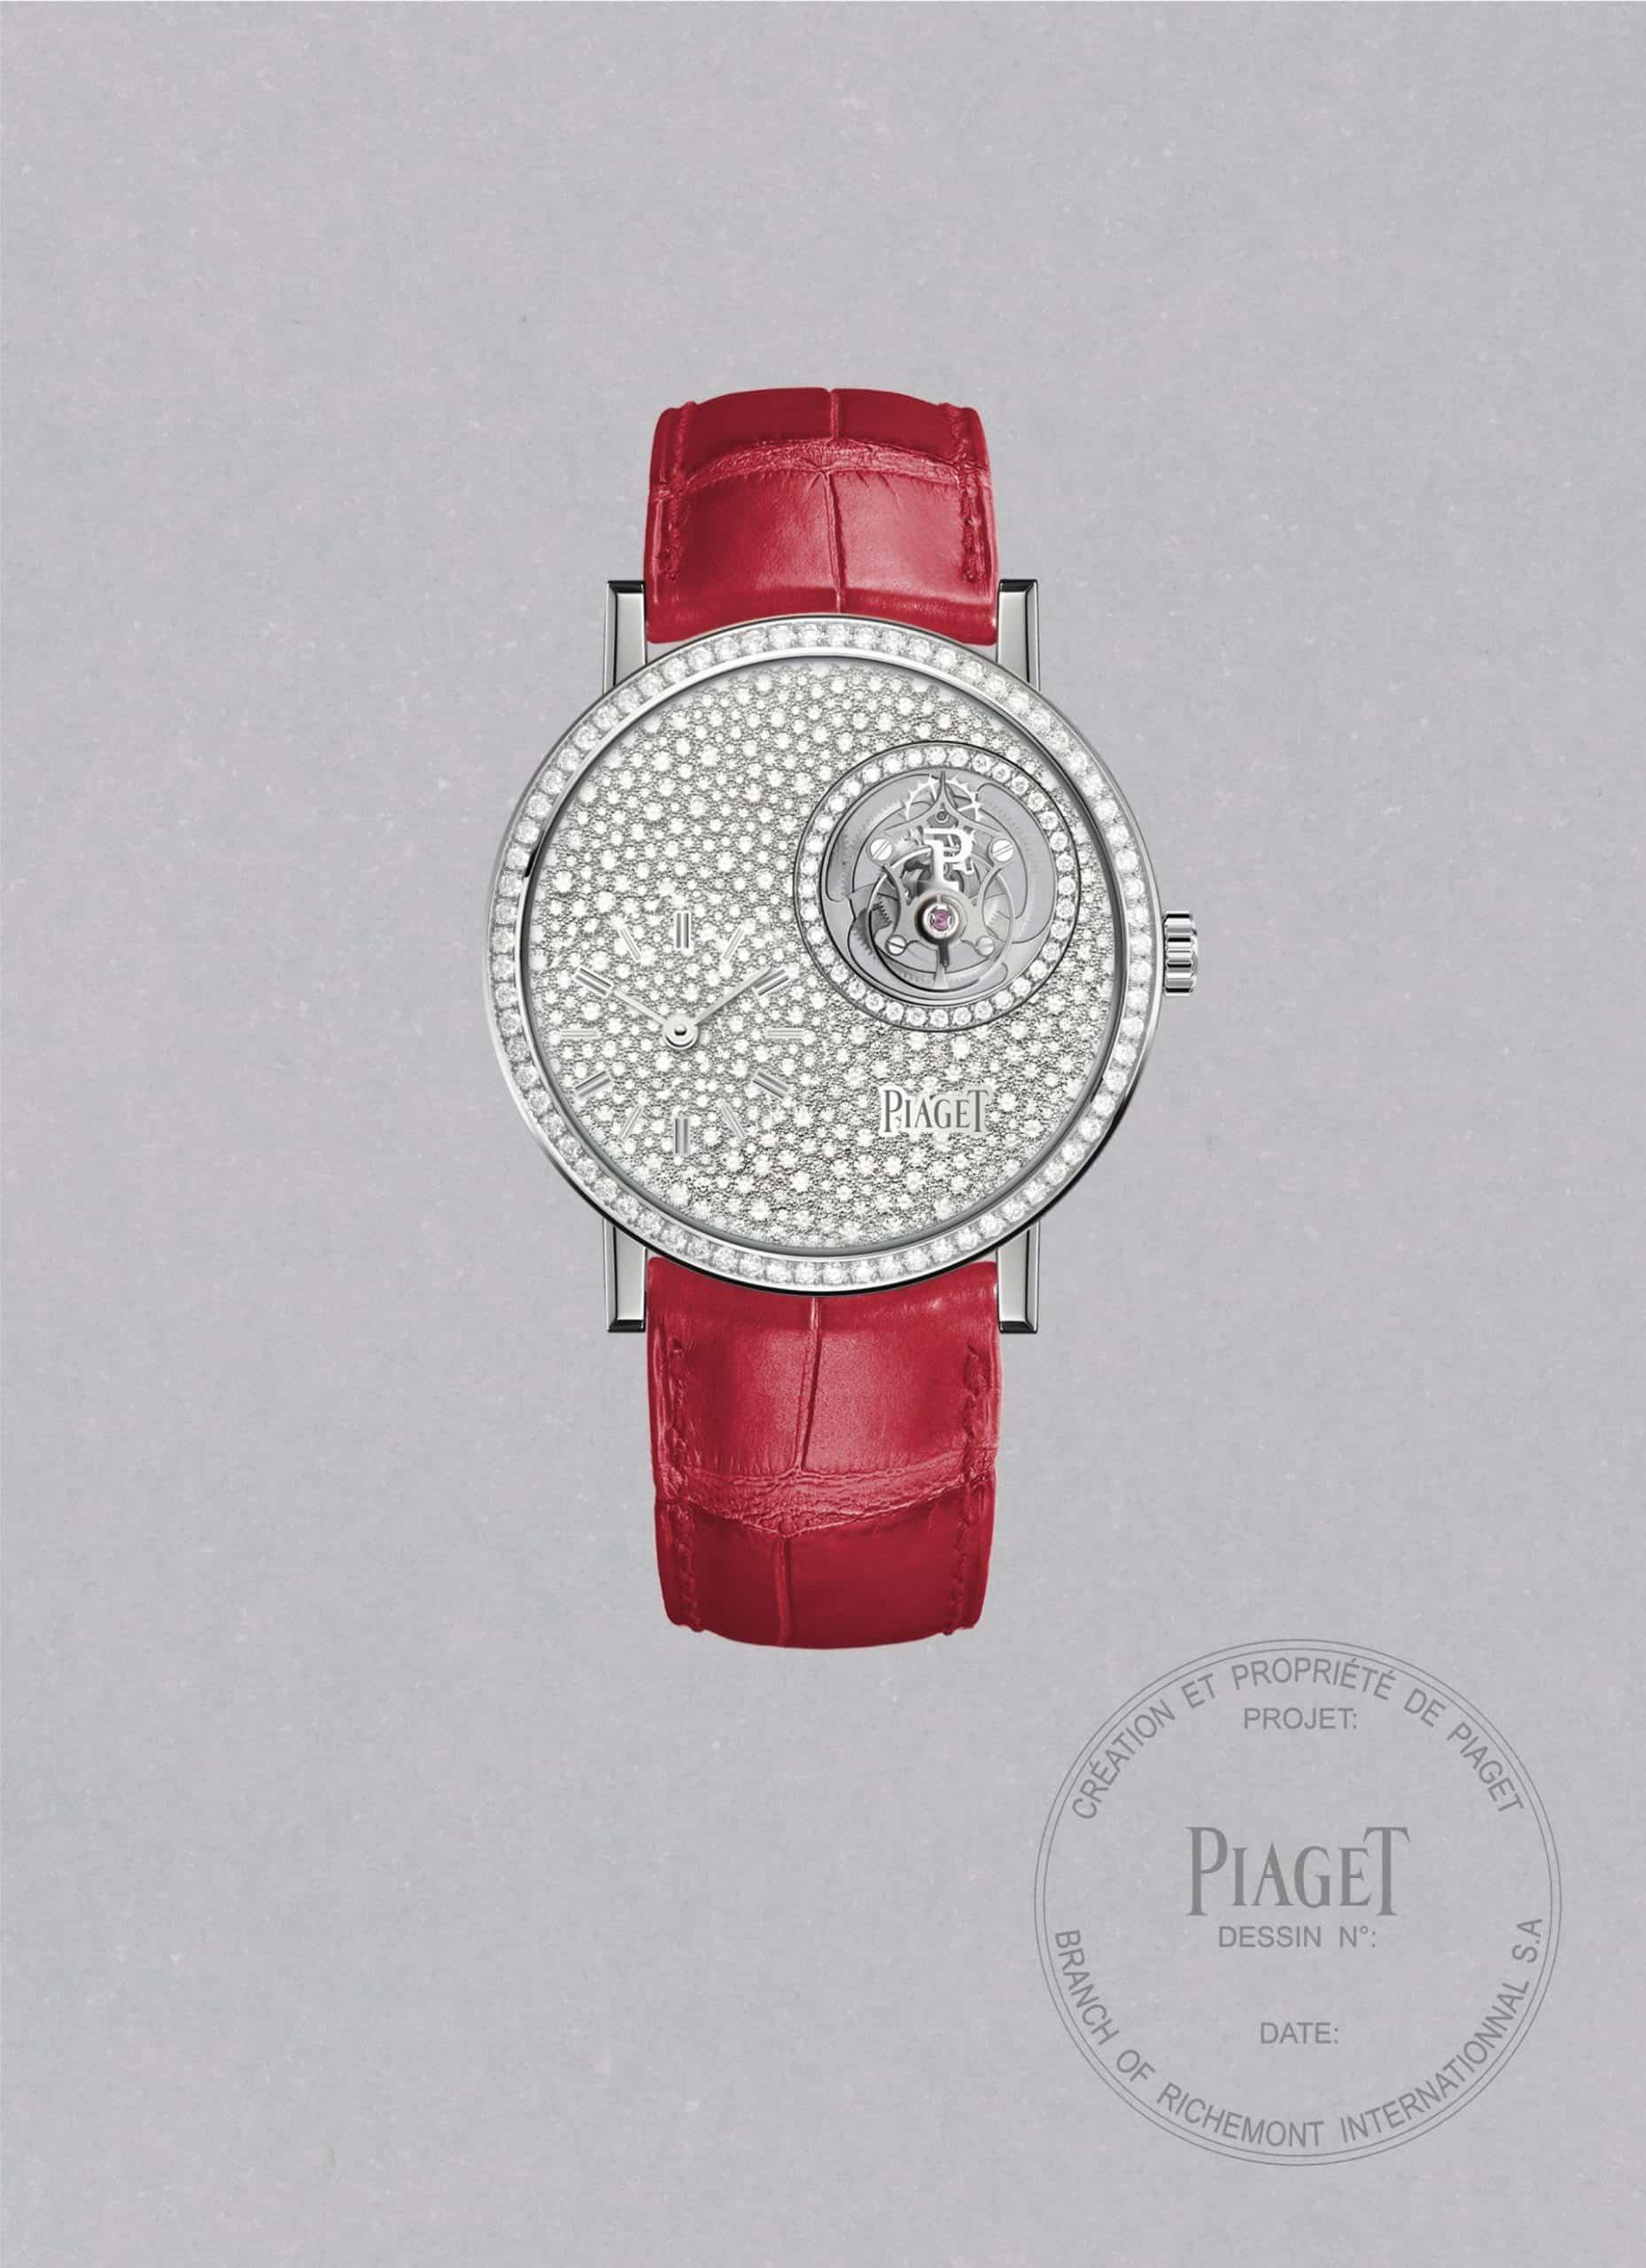 """Ultraflacher Uhrenbau von Piaget beim """"Altiplano Tourbillon"""" Shiva Safai"""